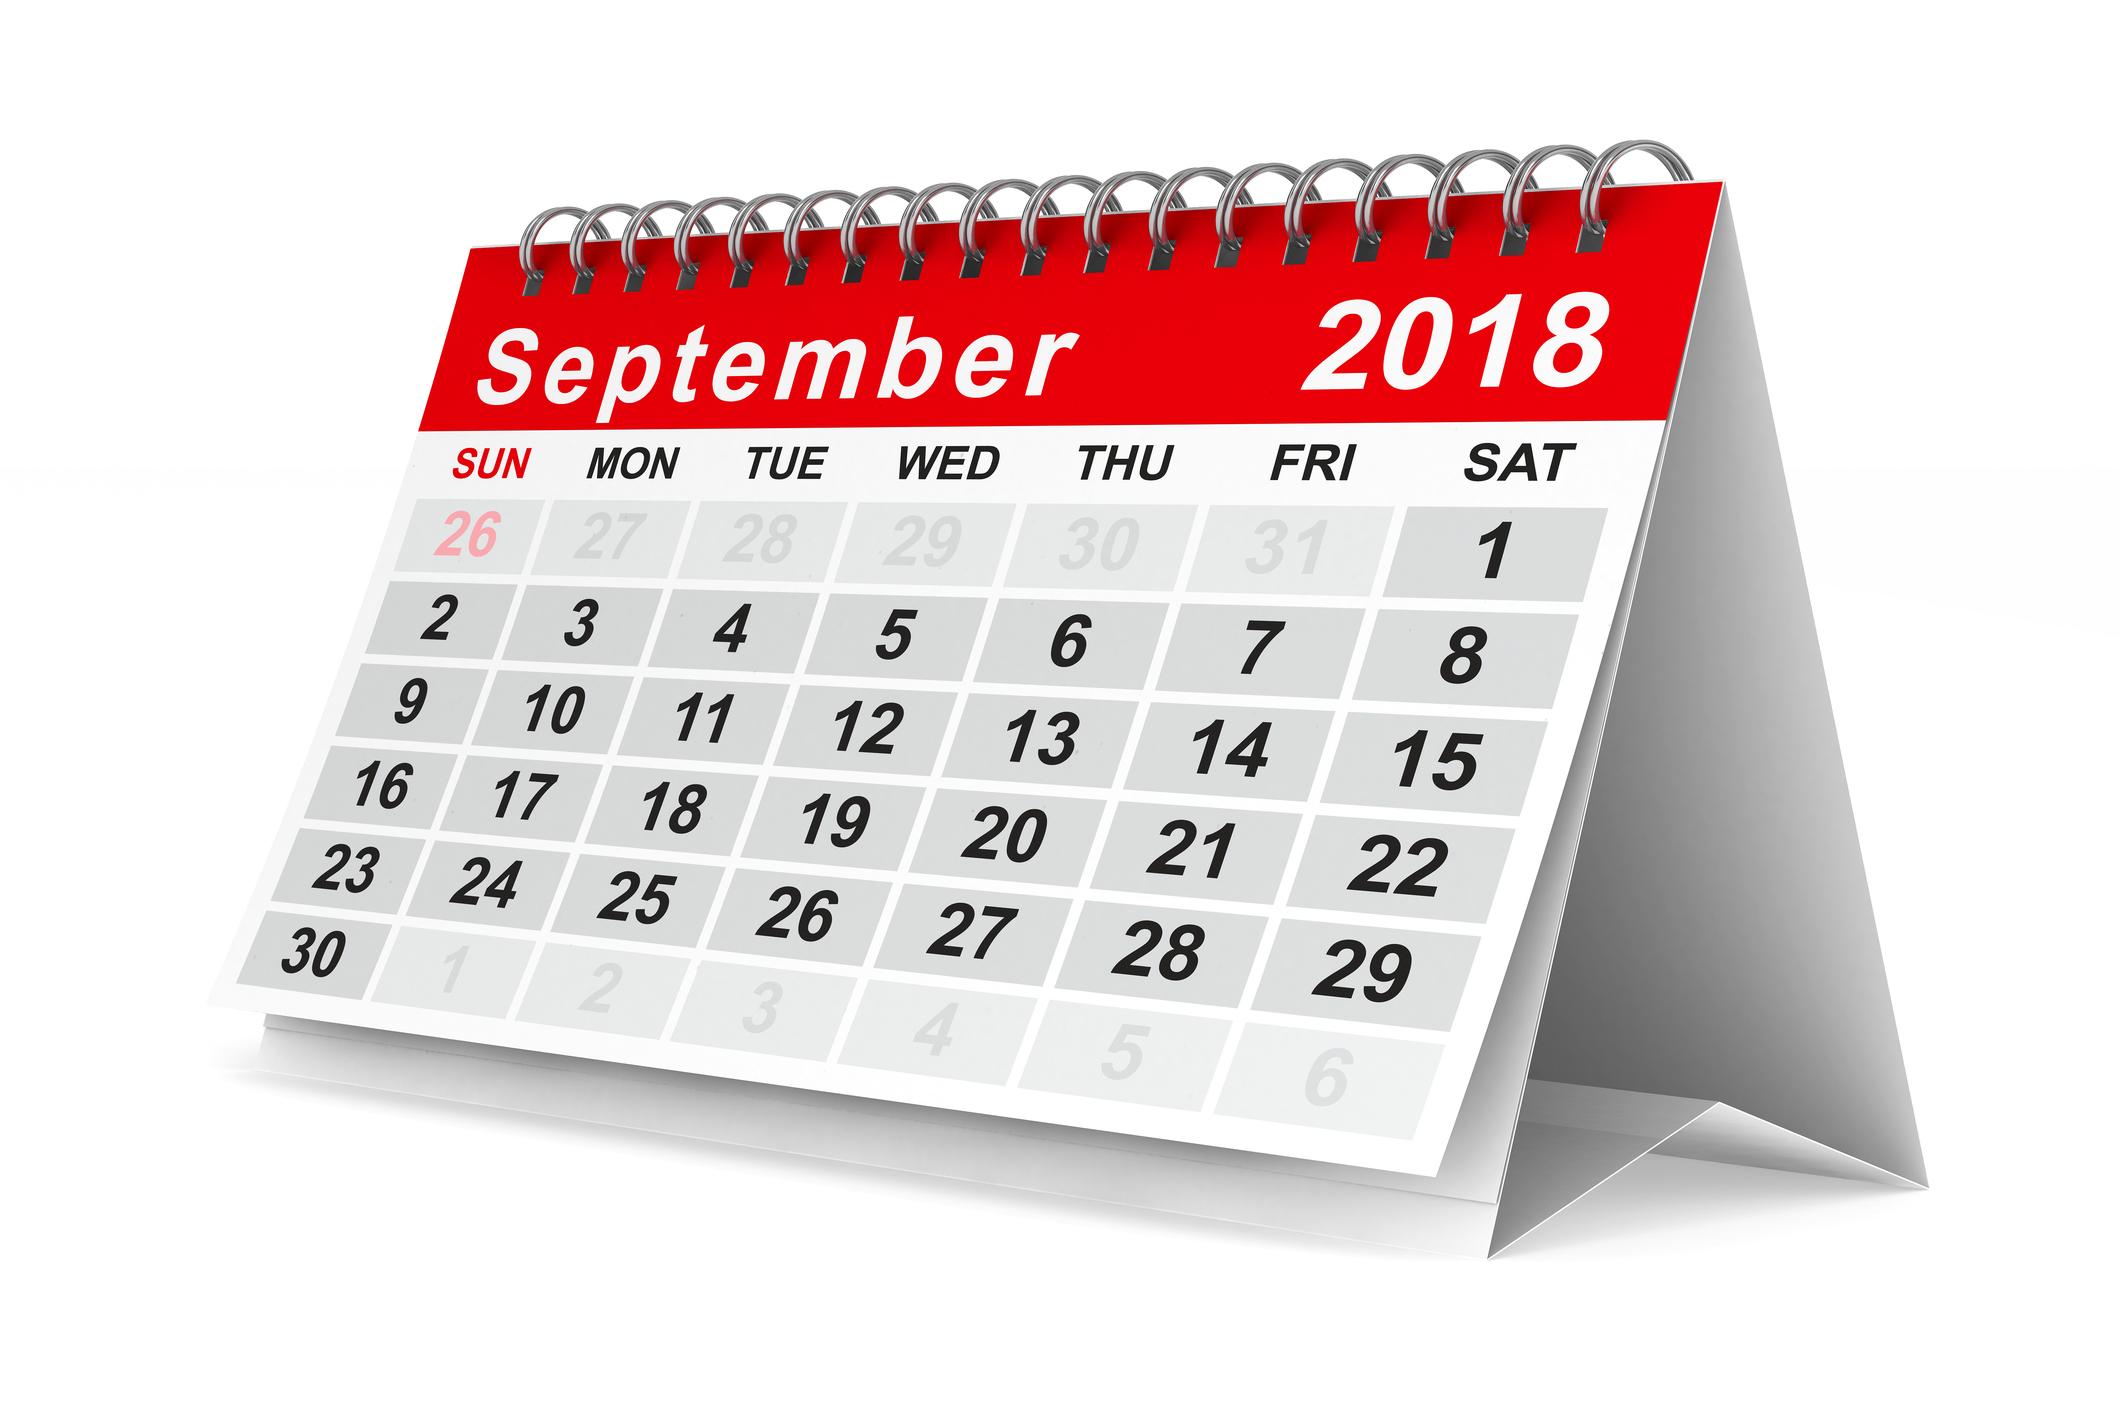 A September 2018 calendar